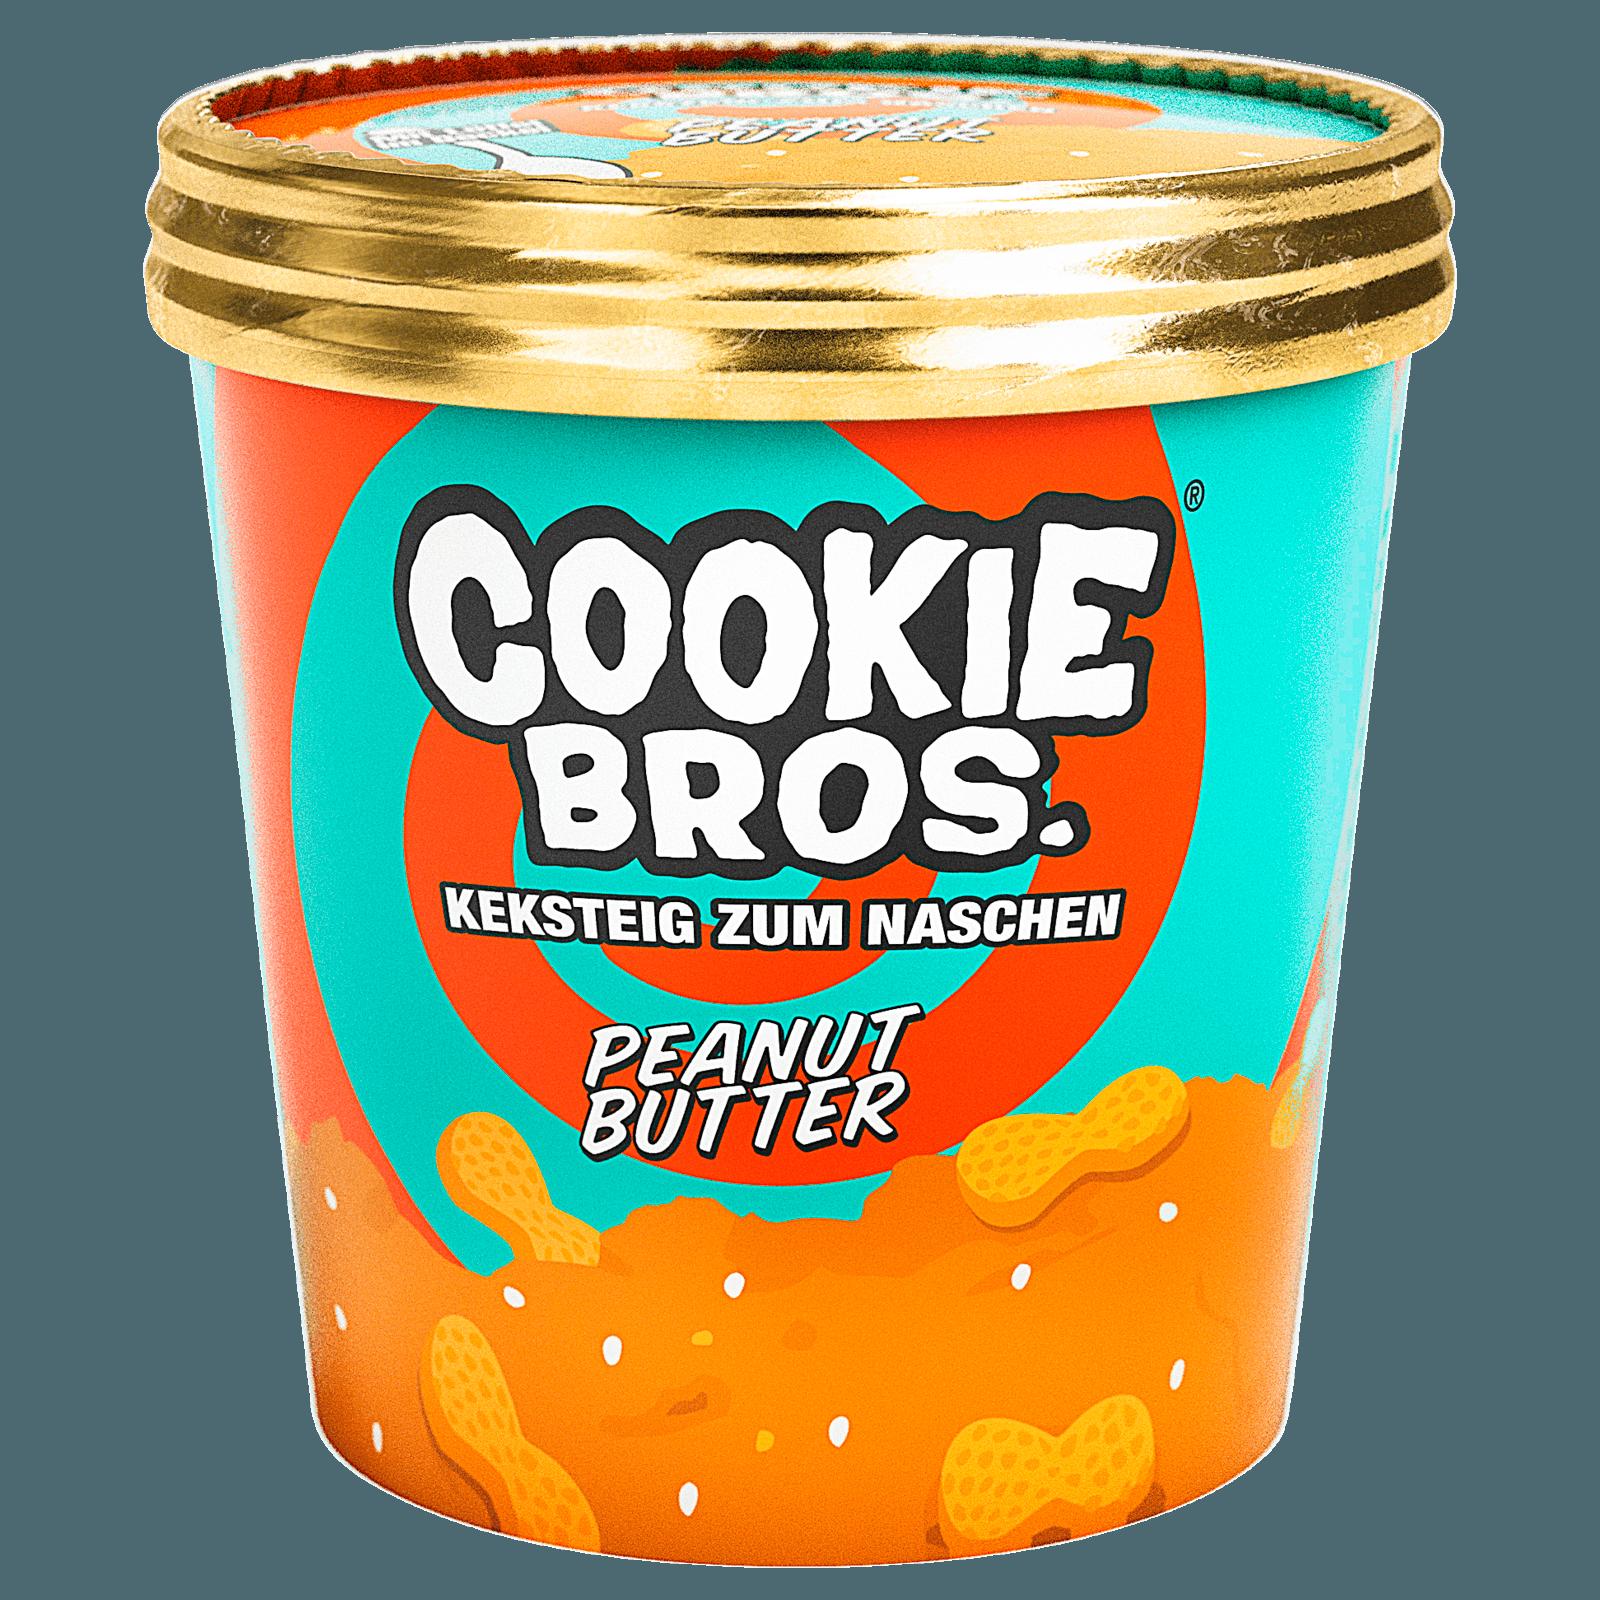 Cookie Bros Keksteig zum Naschen Peanutbutter 20g bei REWE online ...